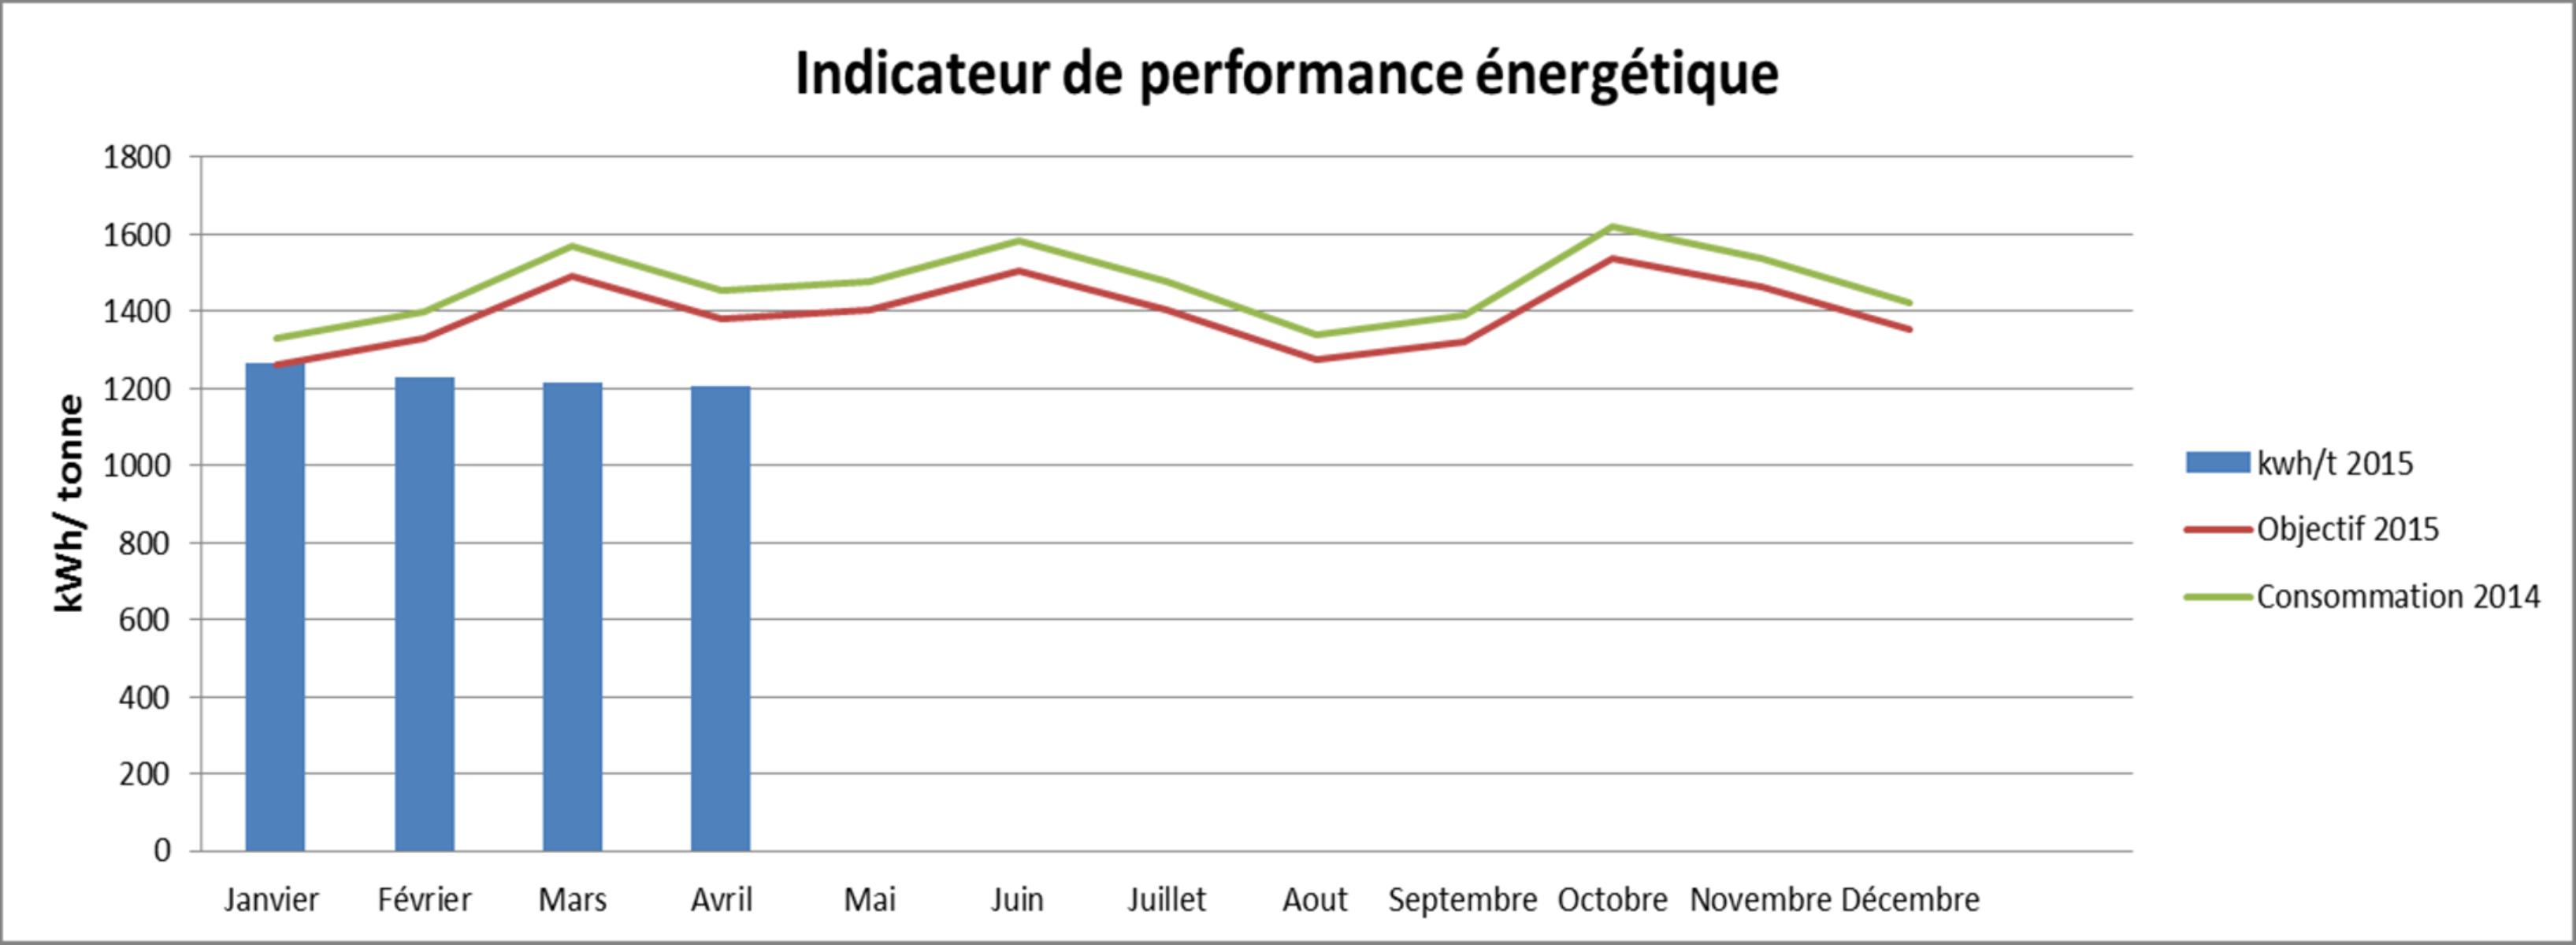 Indicateur de performance énergétique